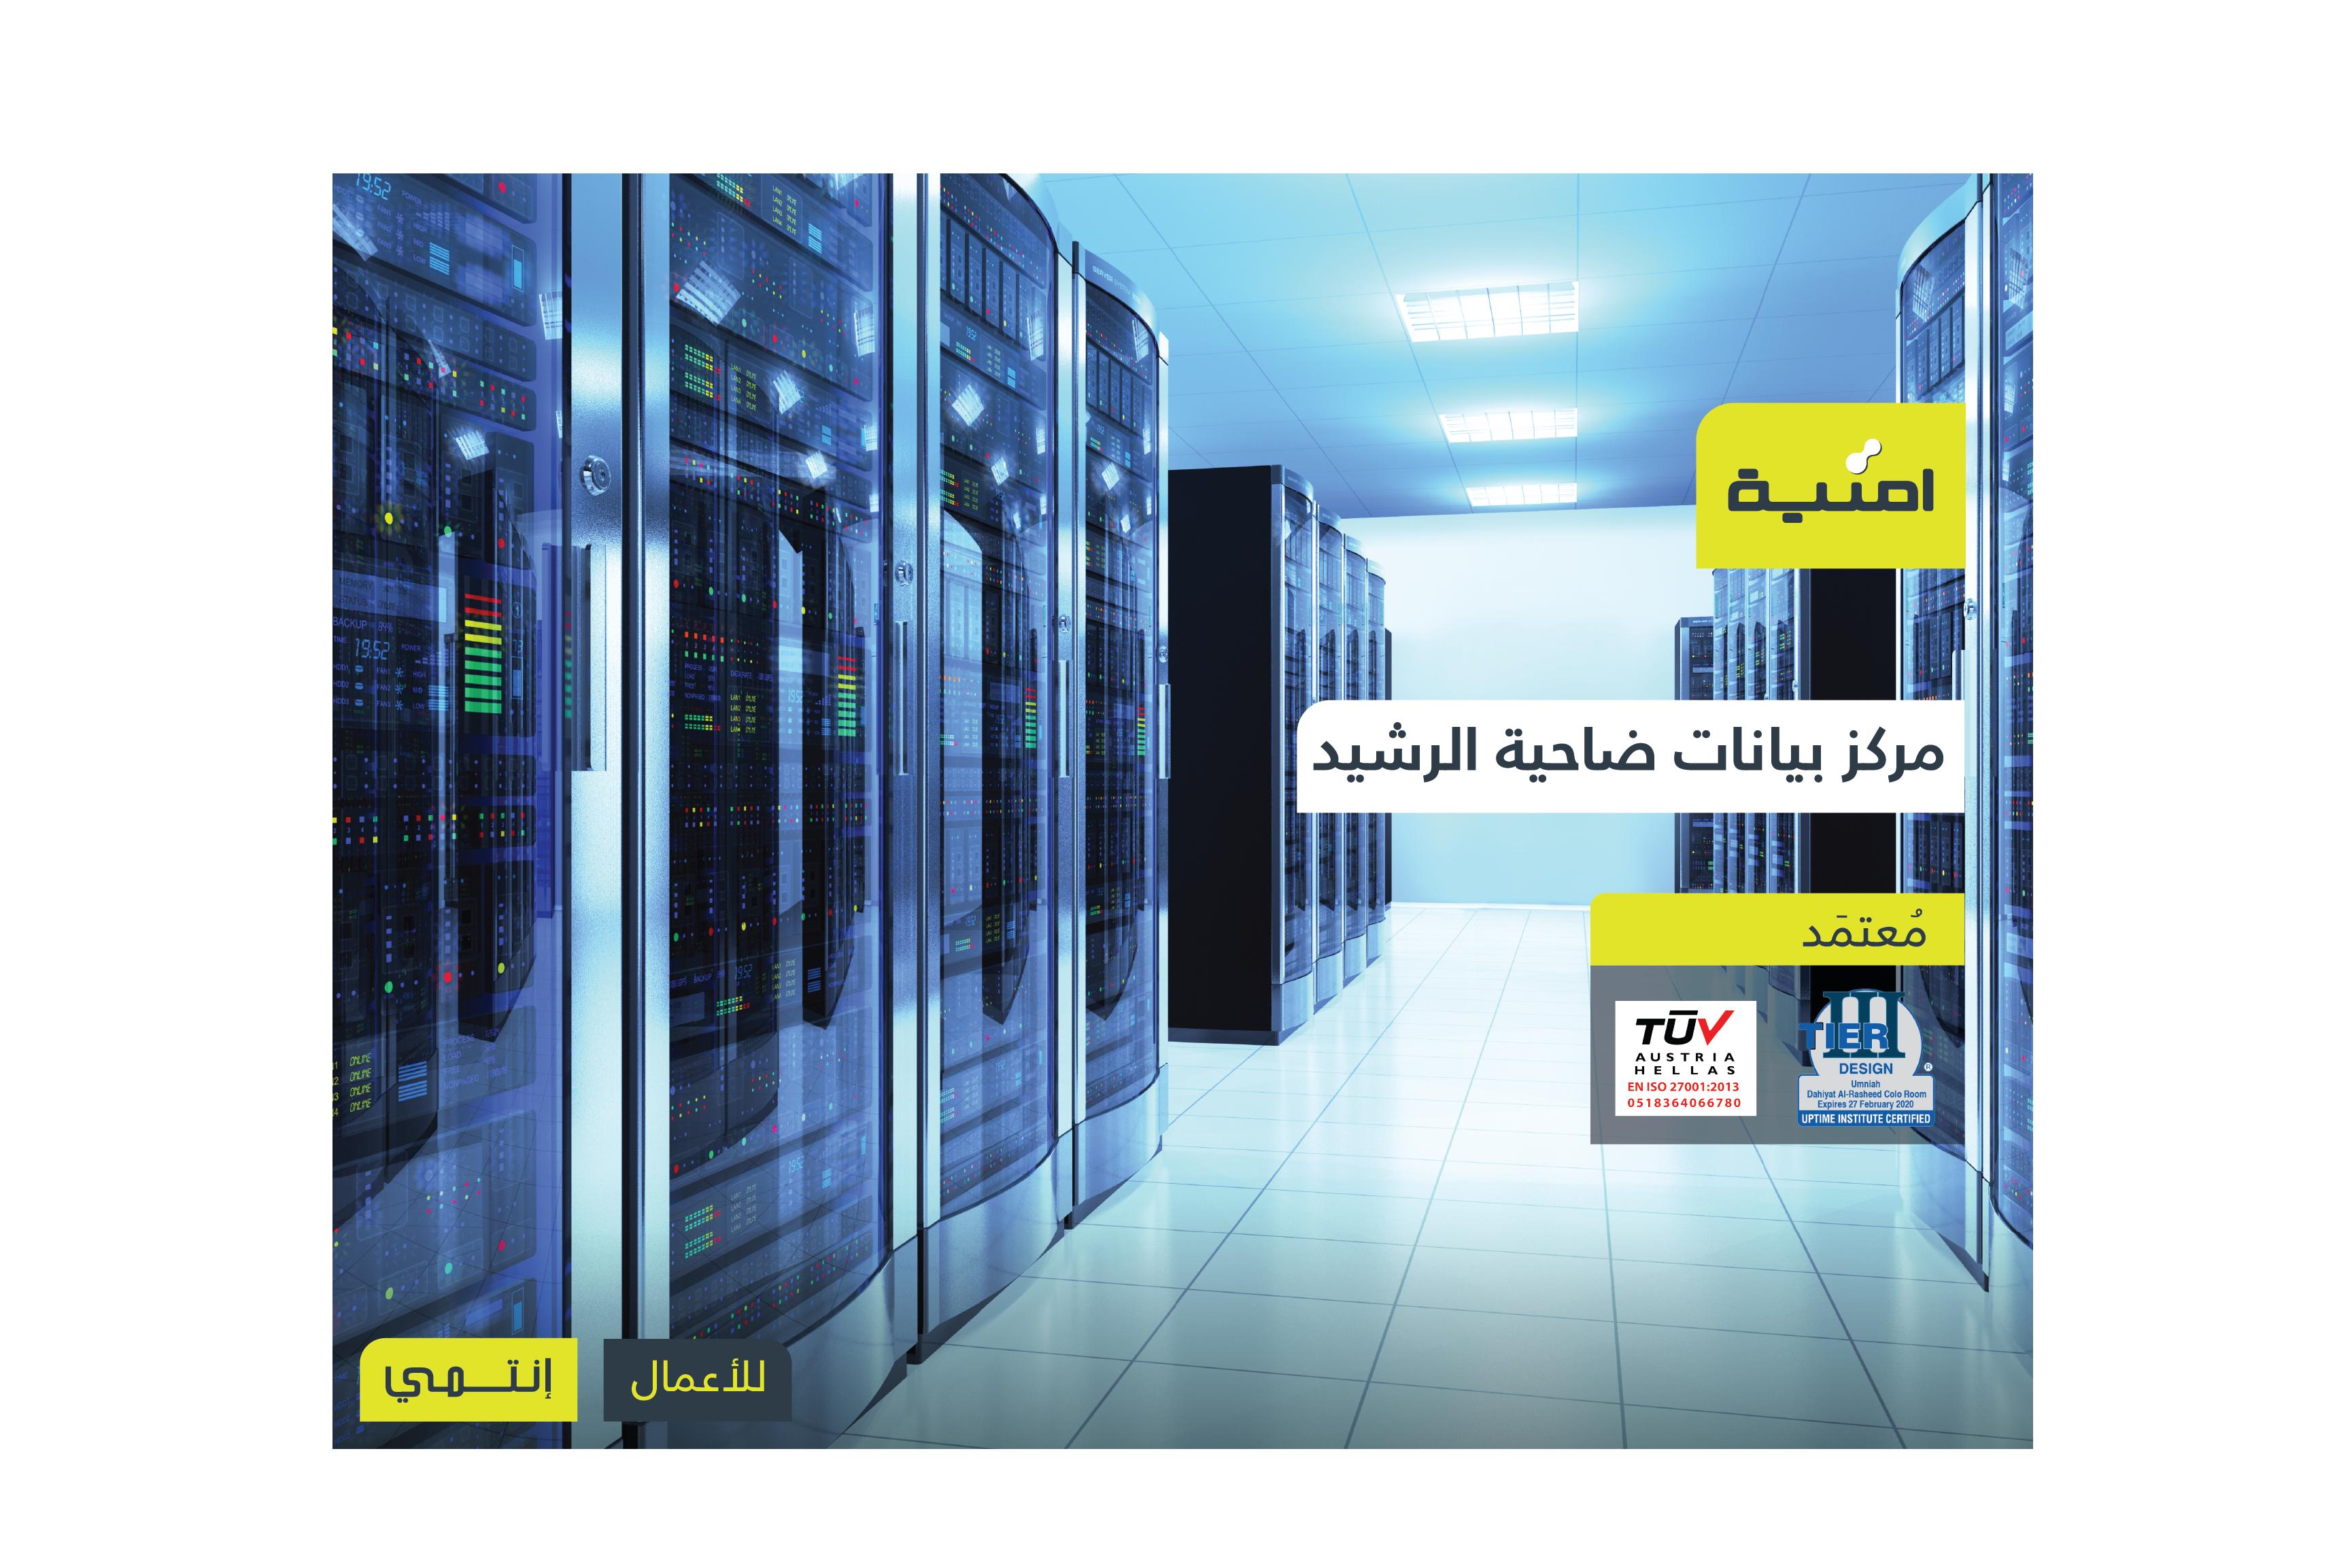 أمنية تطلق مركز بيانات بمواصفات عالمية (Tier III Datacenter)